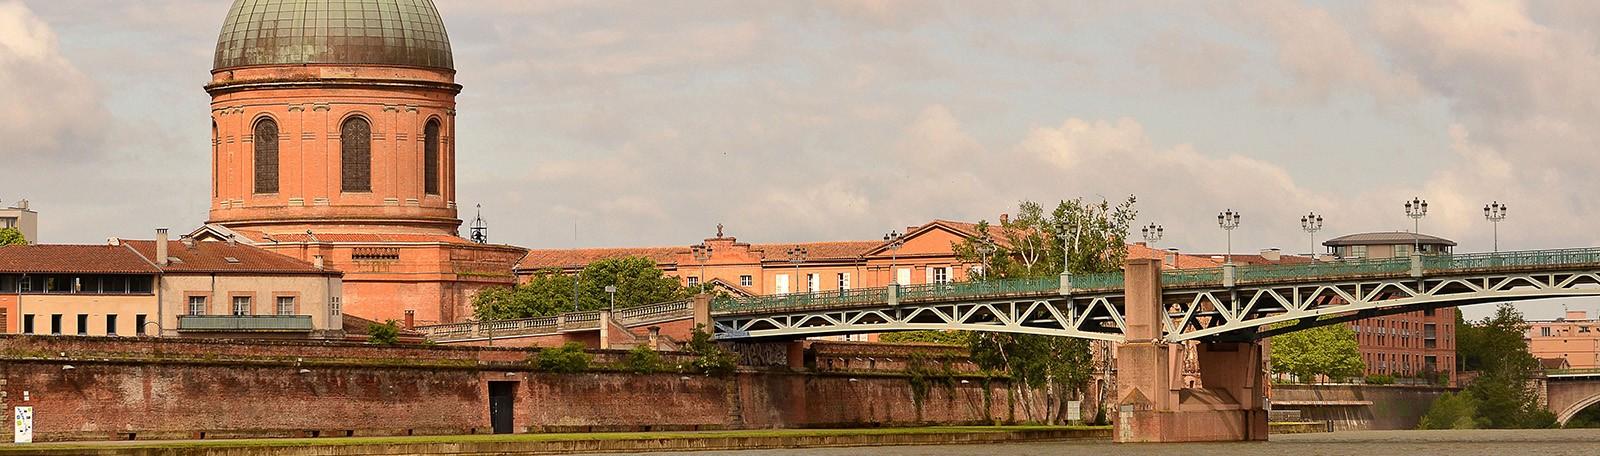 Stationner à Toulouse Compans Caffarelli